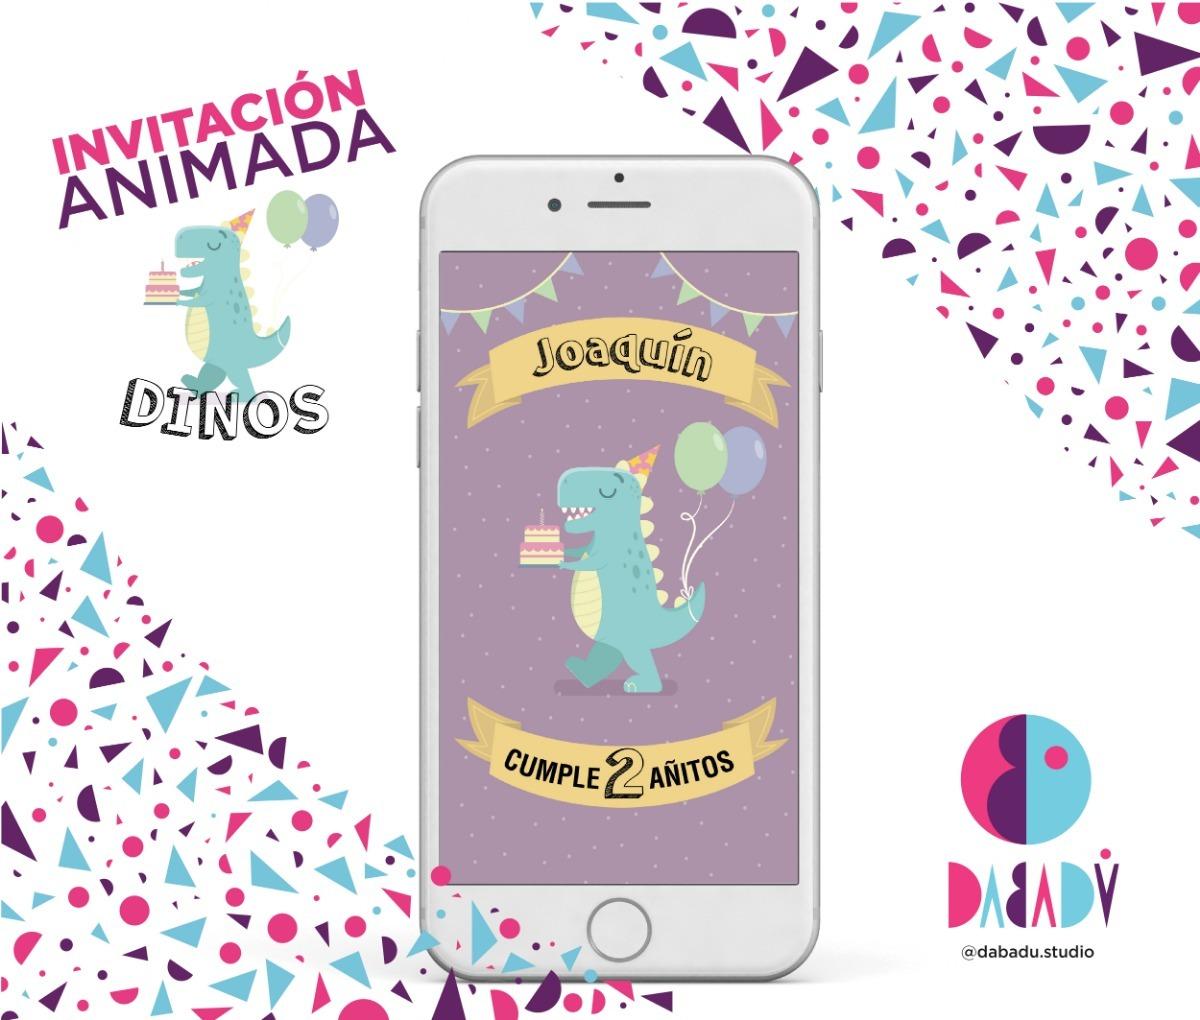 Tarjeta Invitación De Cumpleaños Digital Animada Dinosaurios